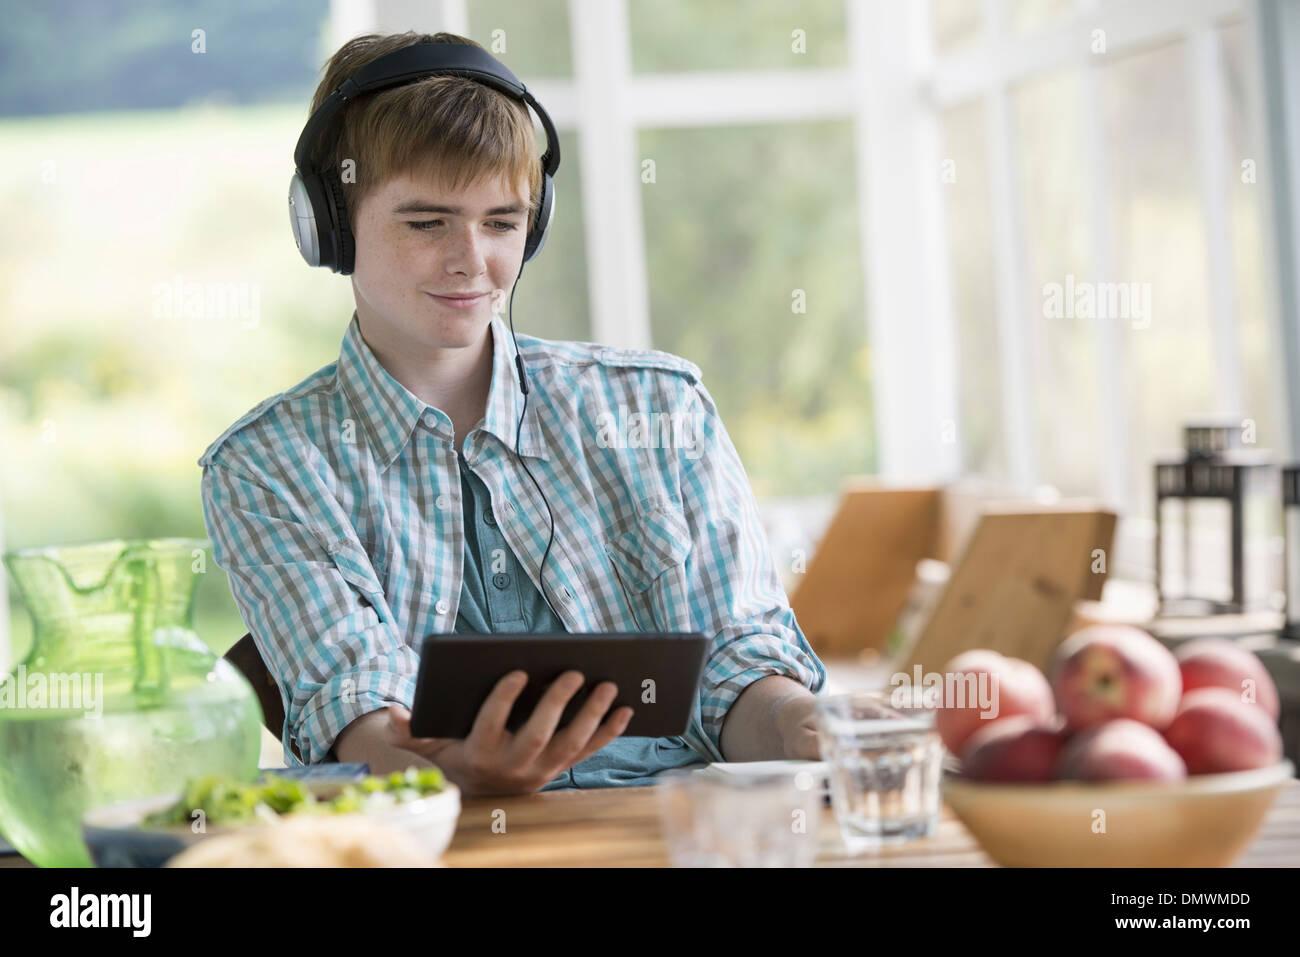 Un jeune garçon à l'écoute de la musique et à l'aide d'une tablette numérique. Banque D'Images